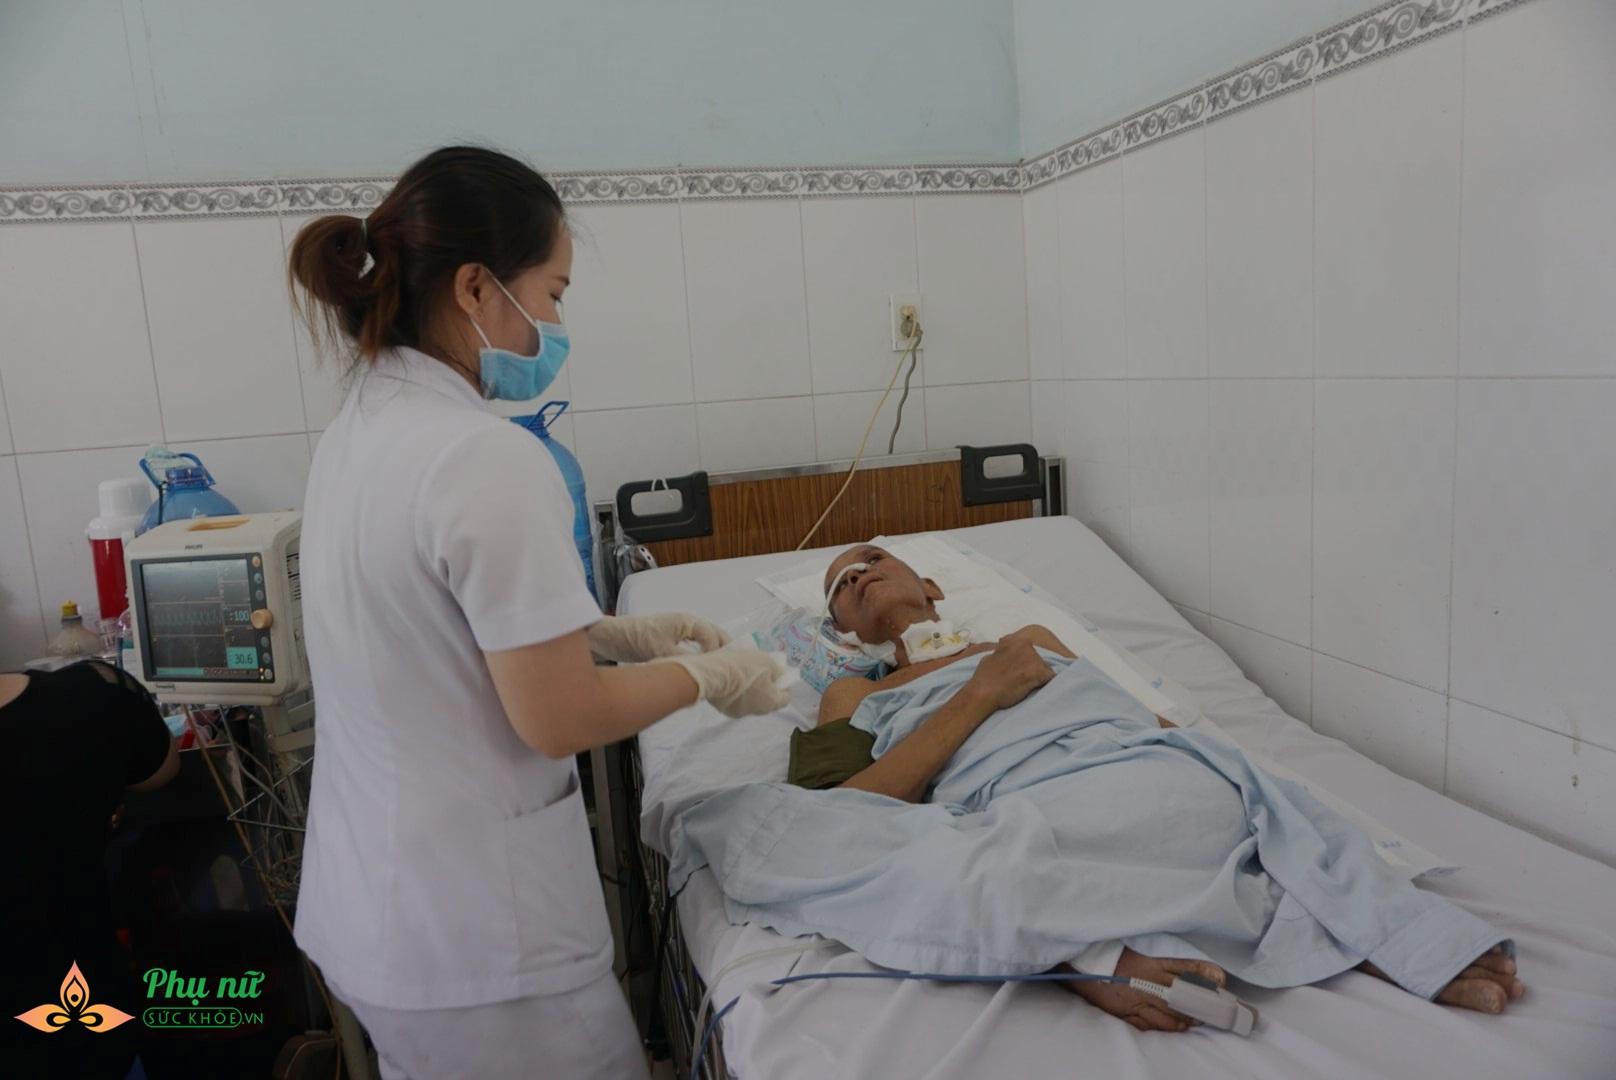 Xót cảnh nam bệnh nhân 'vô danh' nguy kịch trên giường bệnh, không một người thân chăm sóc - Ảnh 3